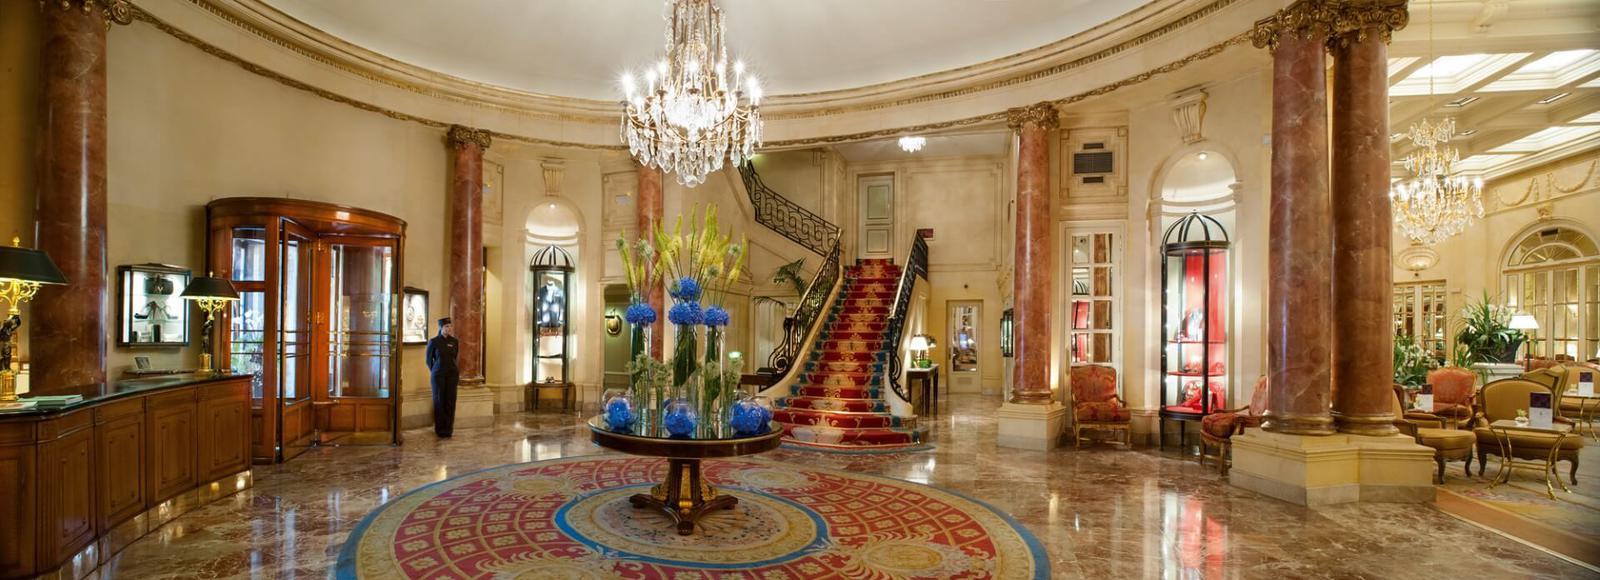 galerías velvet y el hotel ritz Lobby Ritz